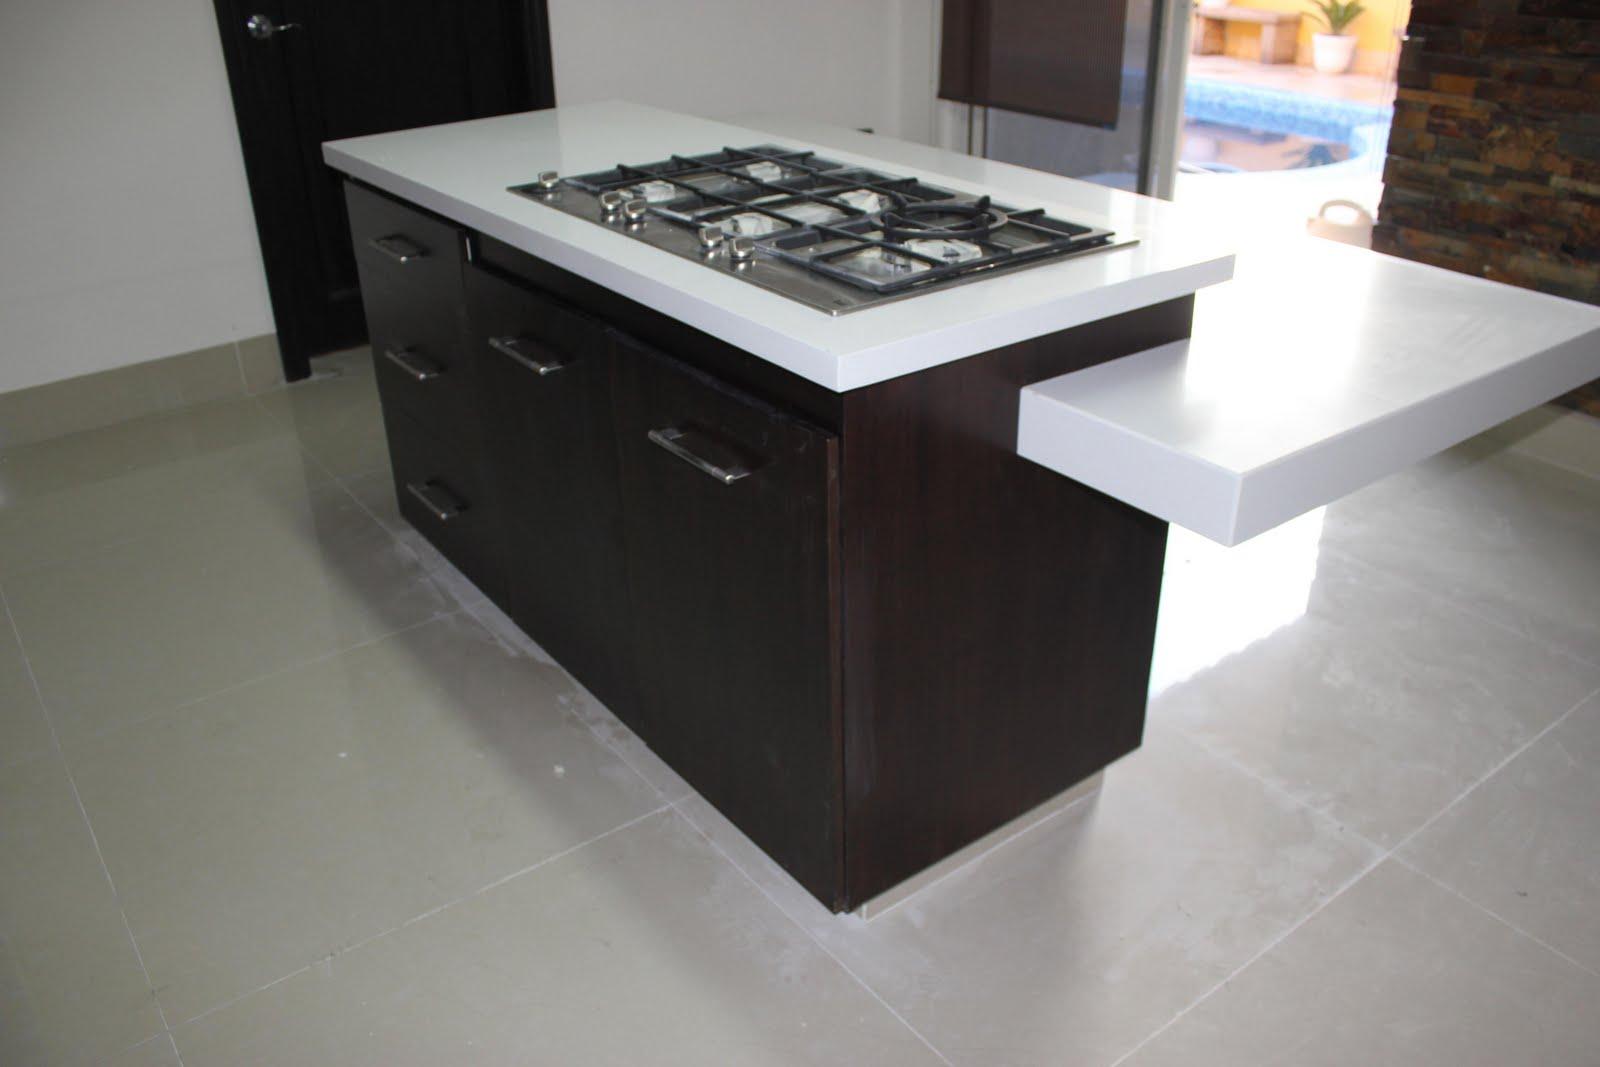 Formas en madera isla cocina integral for Cocinas integrales con isla al centro